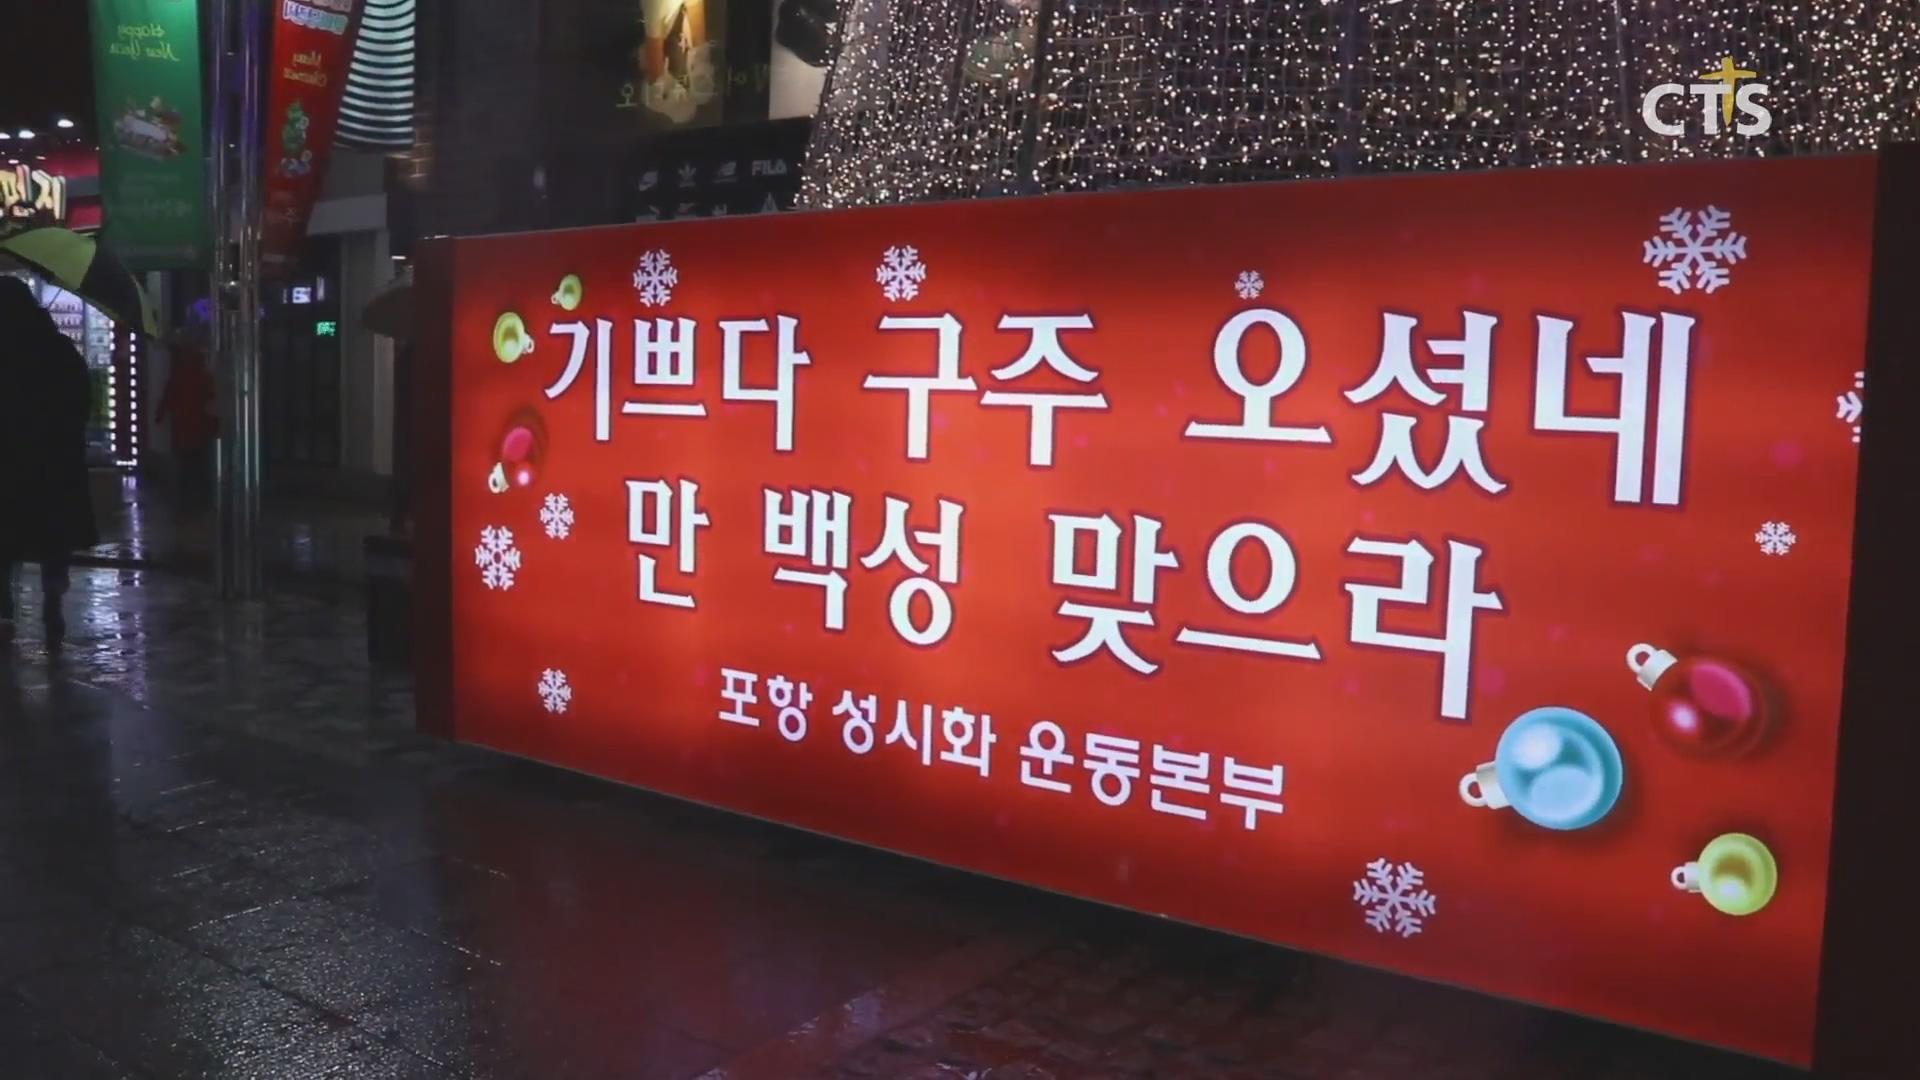 포항성시화운동본부 2019 성탄트리점등식